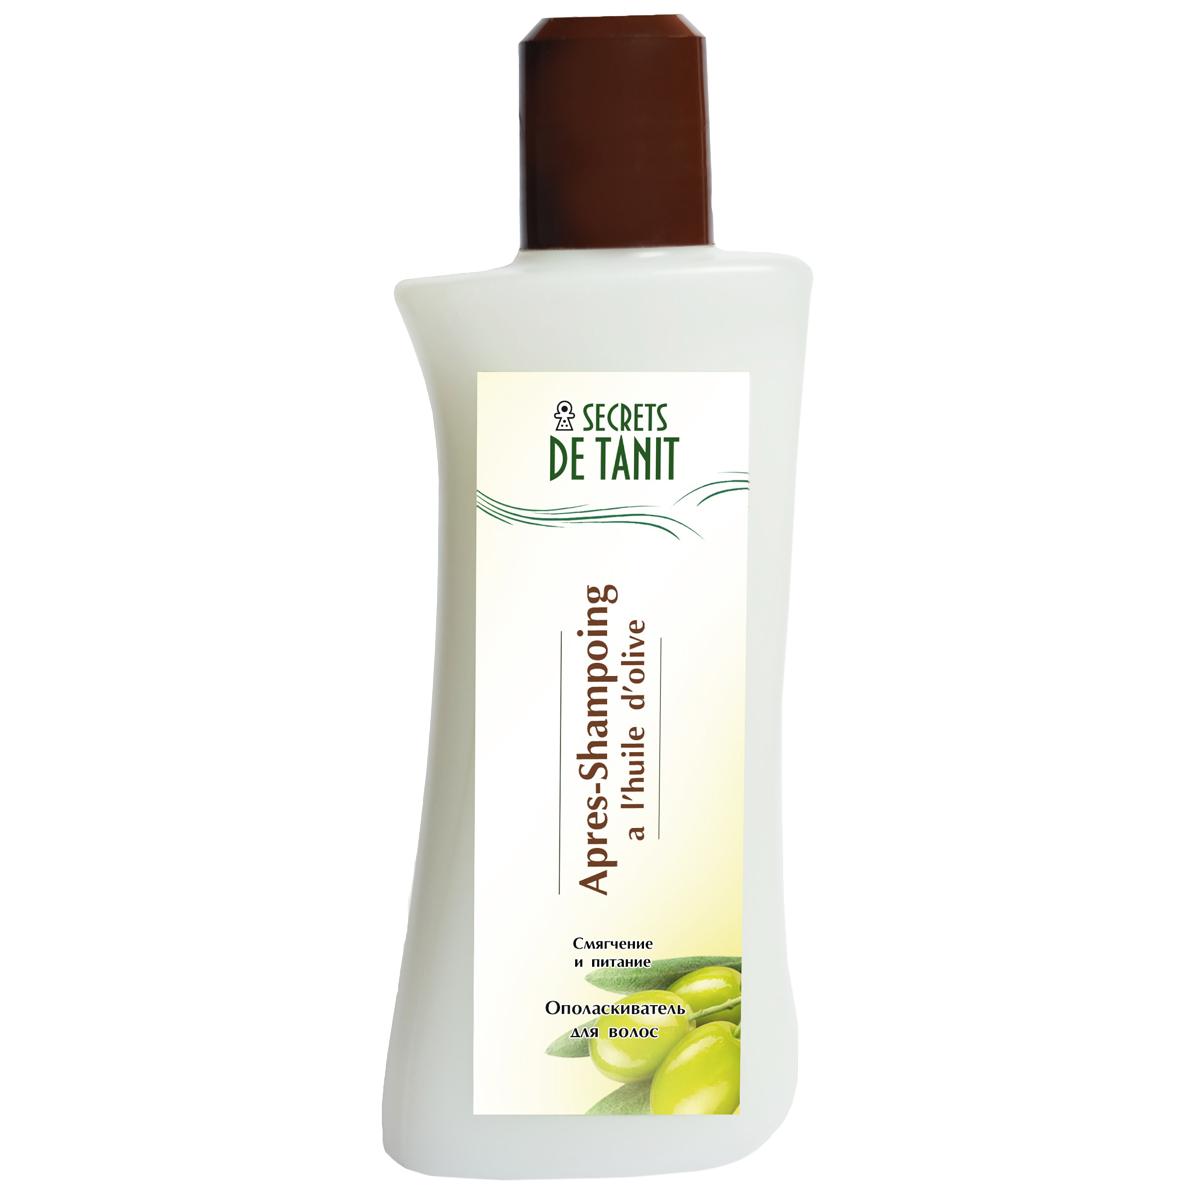 Secrets de Tanit Ополаскиватель для волос с маслом оливы, 200 мл1000024Ополаскиватель для волос облегчает расчесывание волос после мытья Шампунем с глиной Тфаль ( Гассуль) , придает им эластичность и шелковистость. Ополаскиватель содержит масло оливы, который бережно обеспечивает волосы и кожу головы питательными веществами.